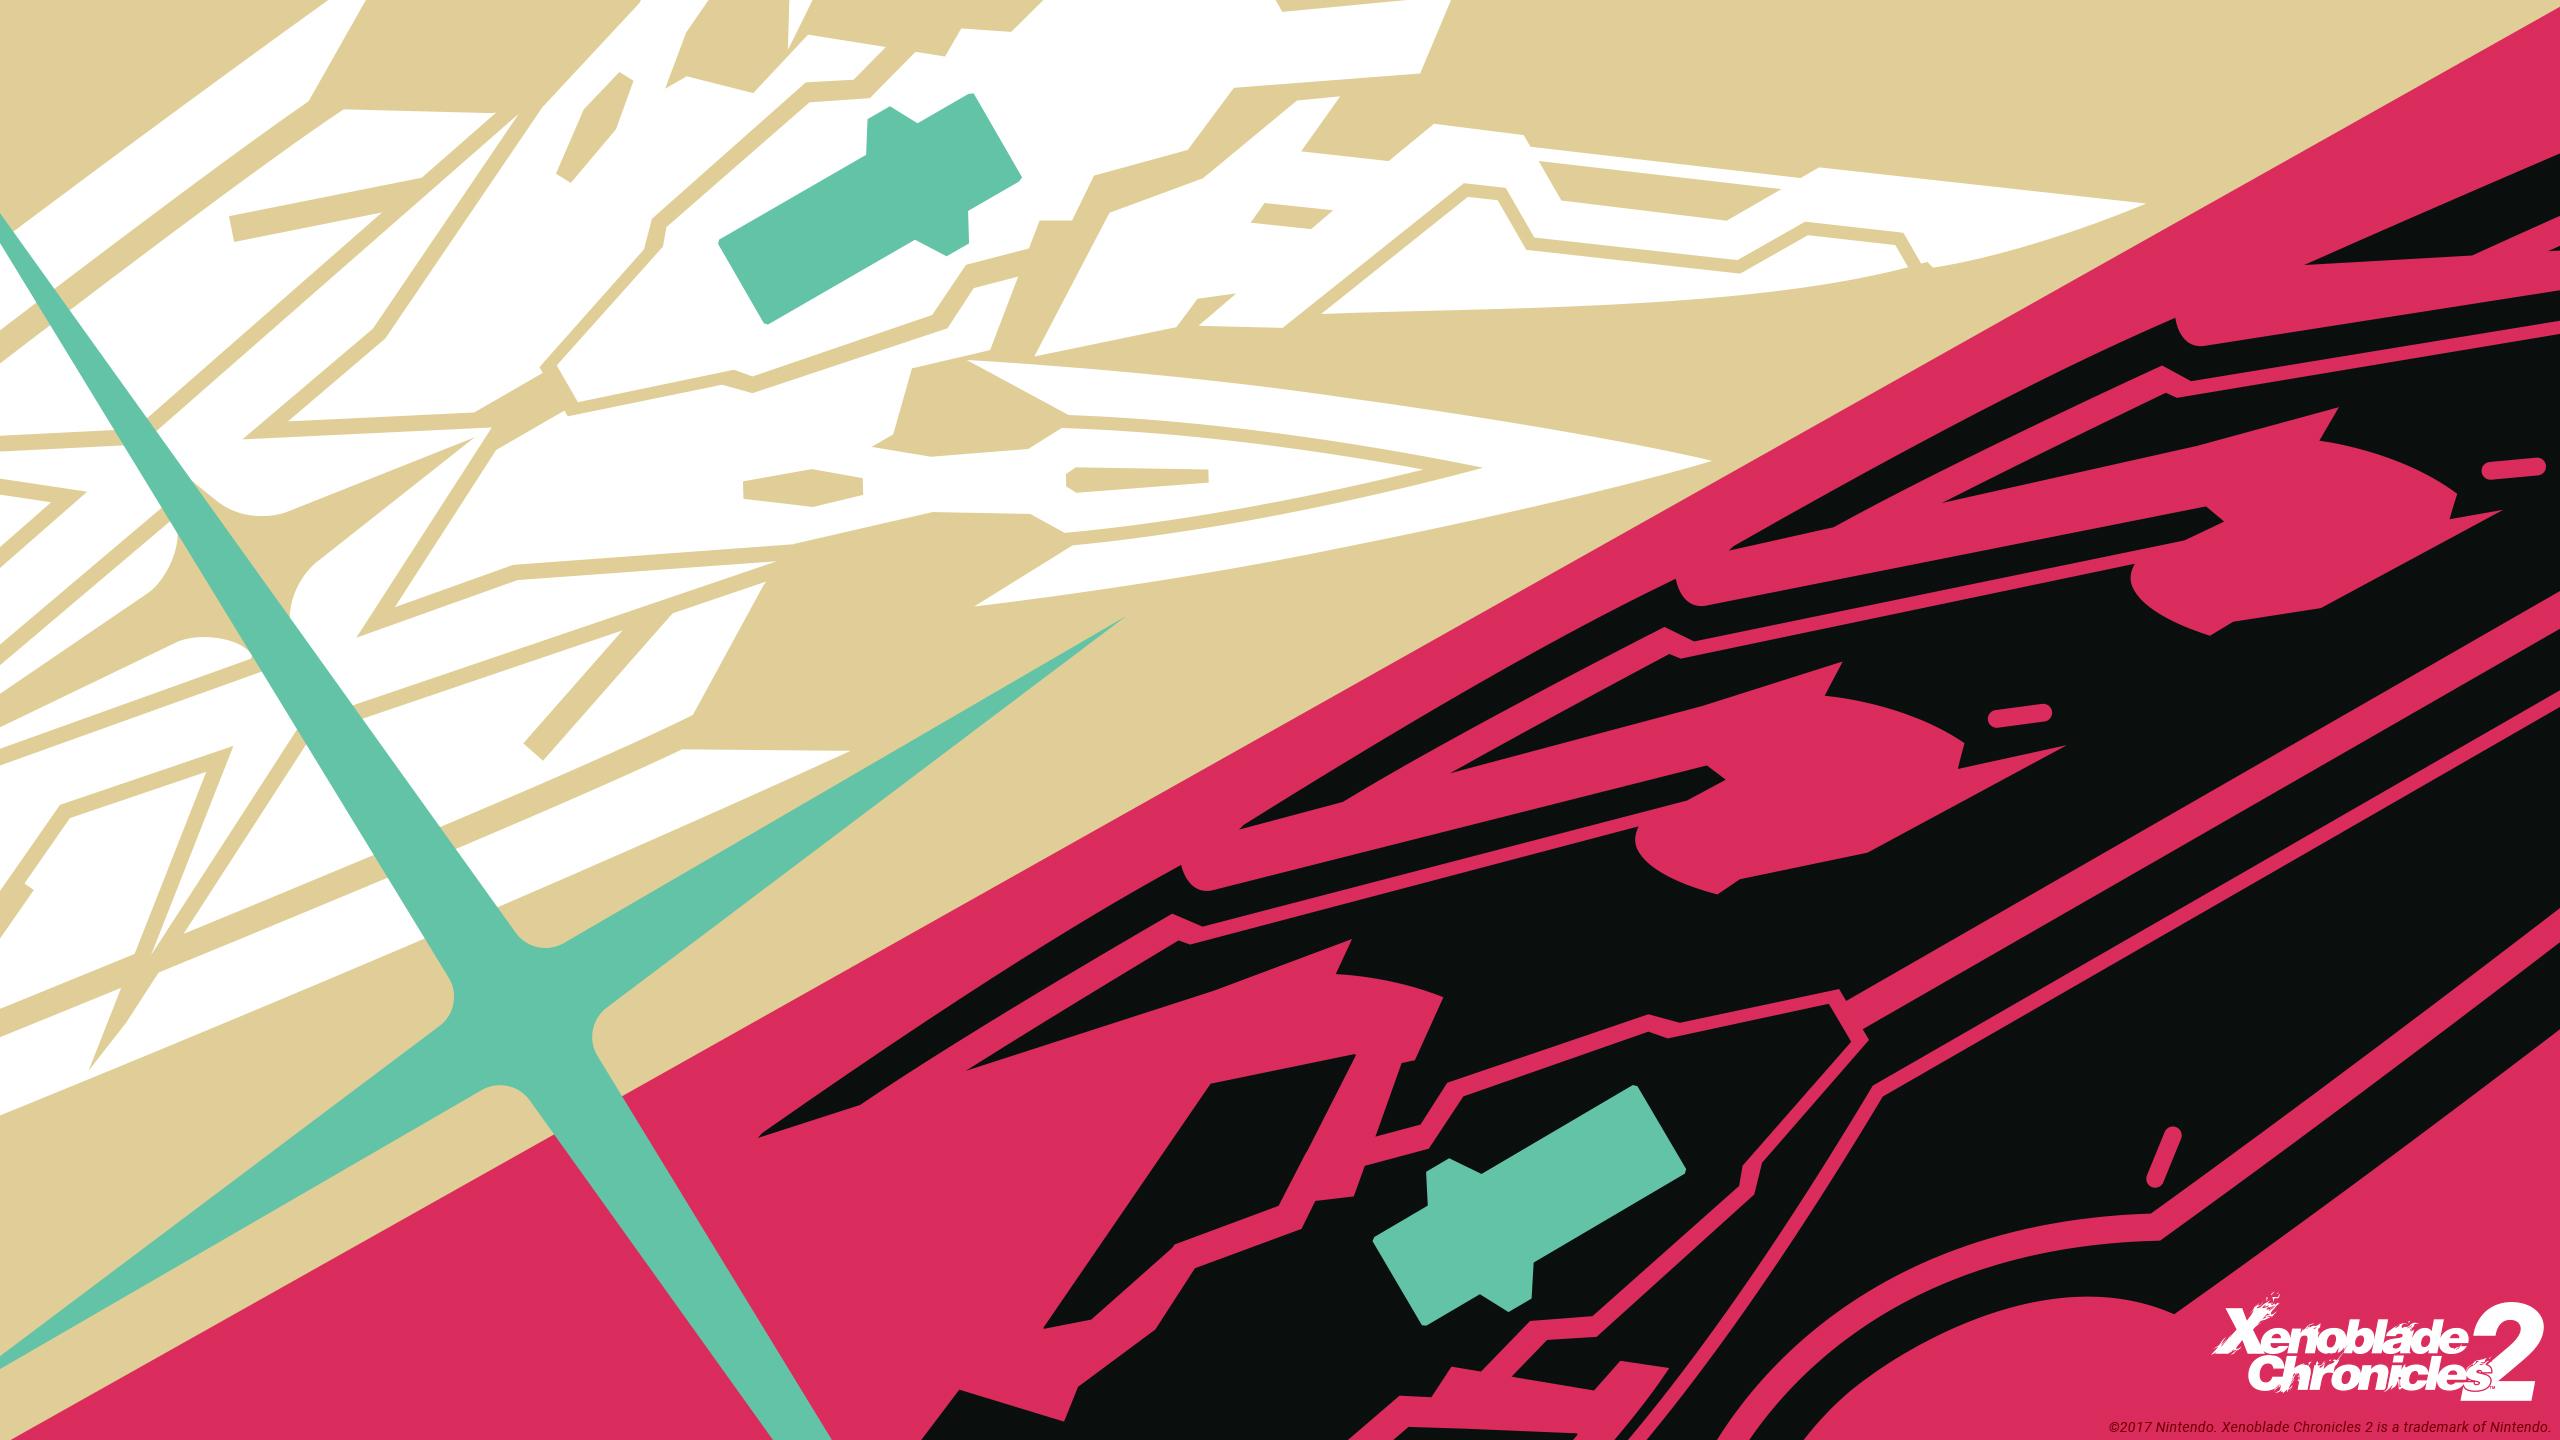 Wallpaper : Xenoblade chronicles 2, Xenoblade Chronicles ...